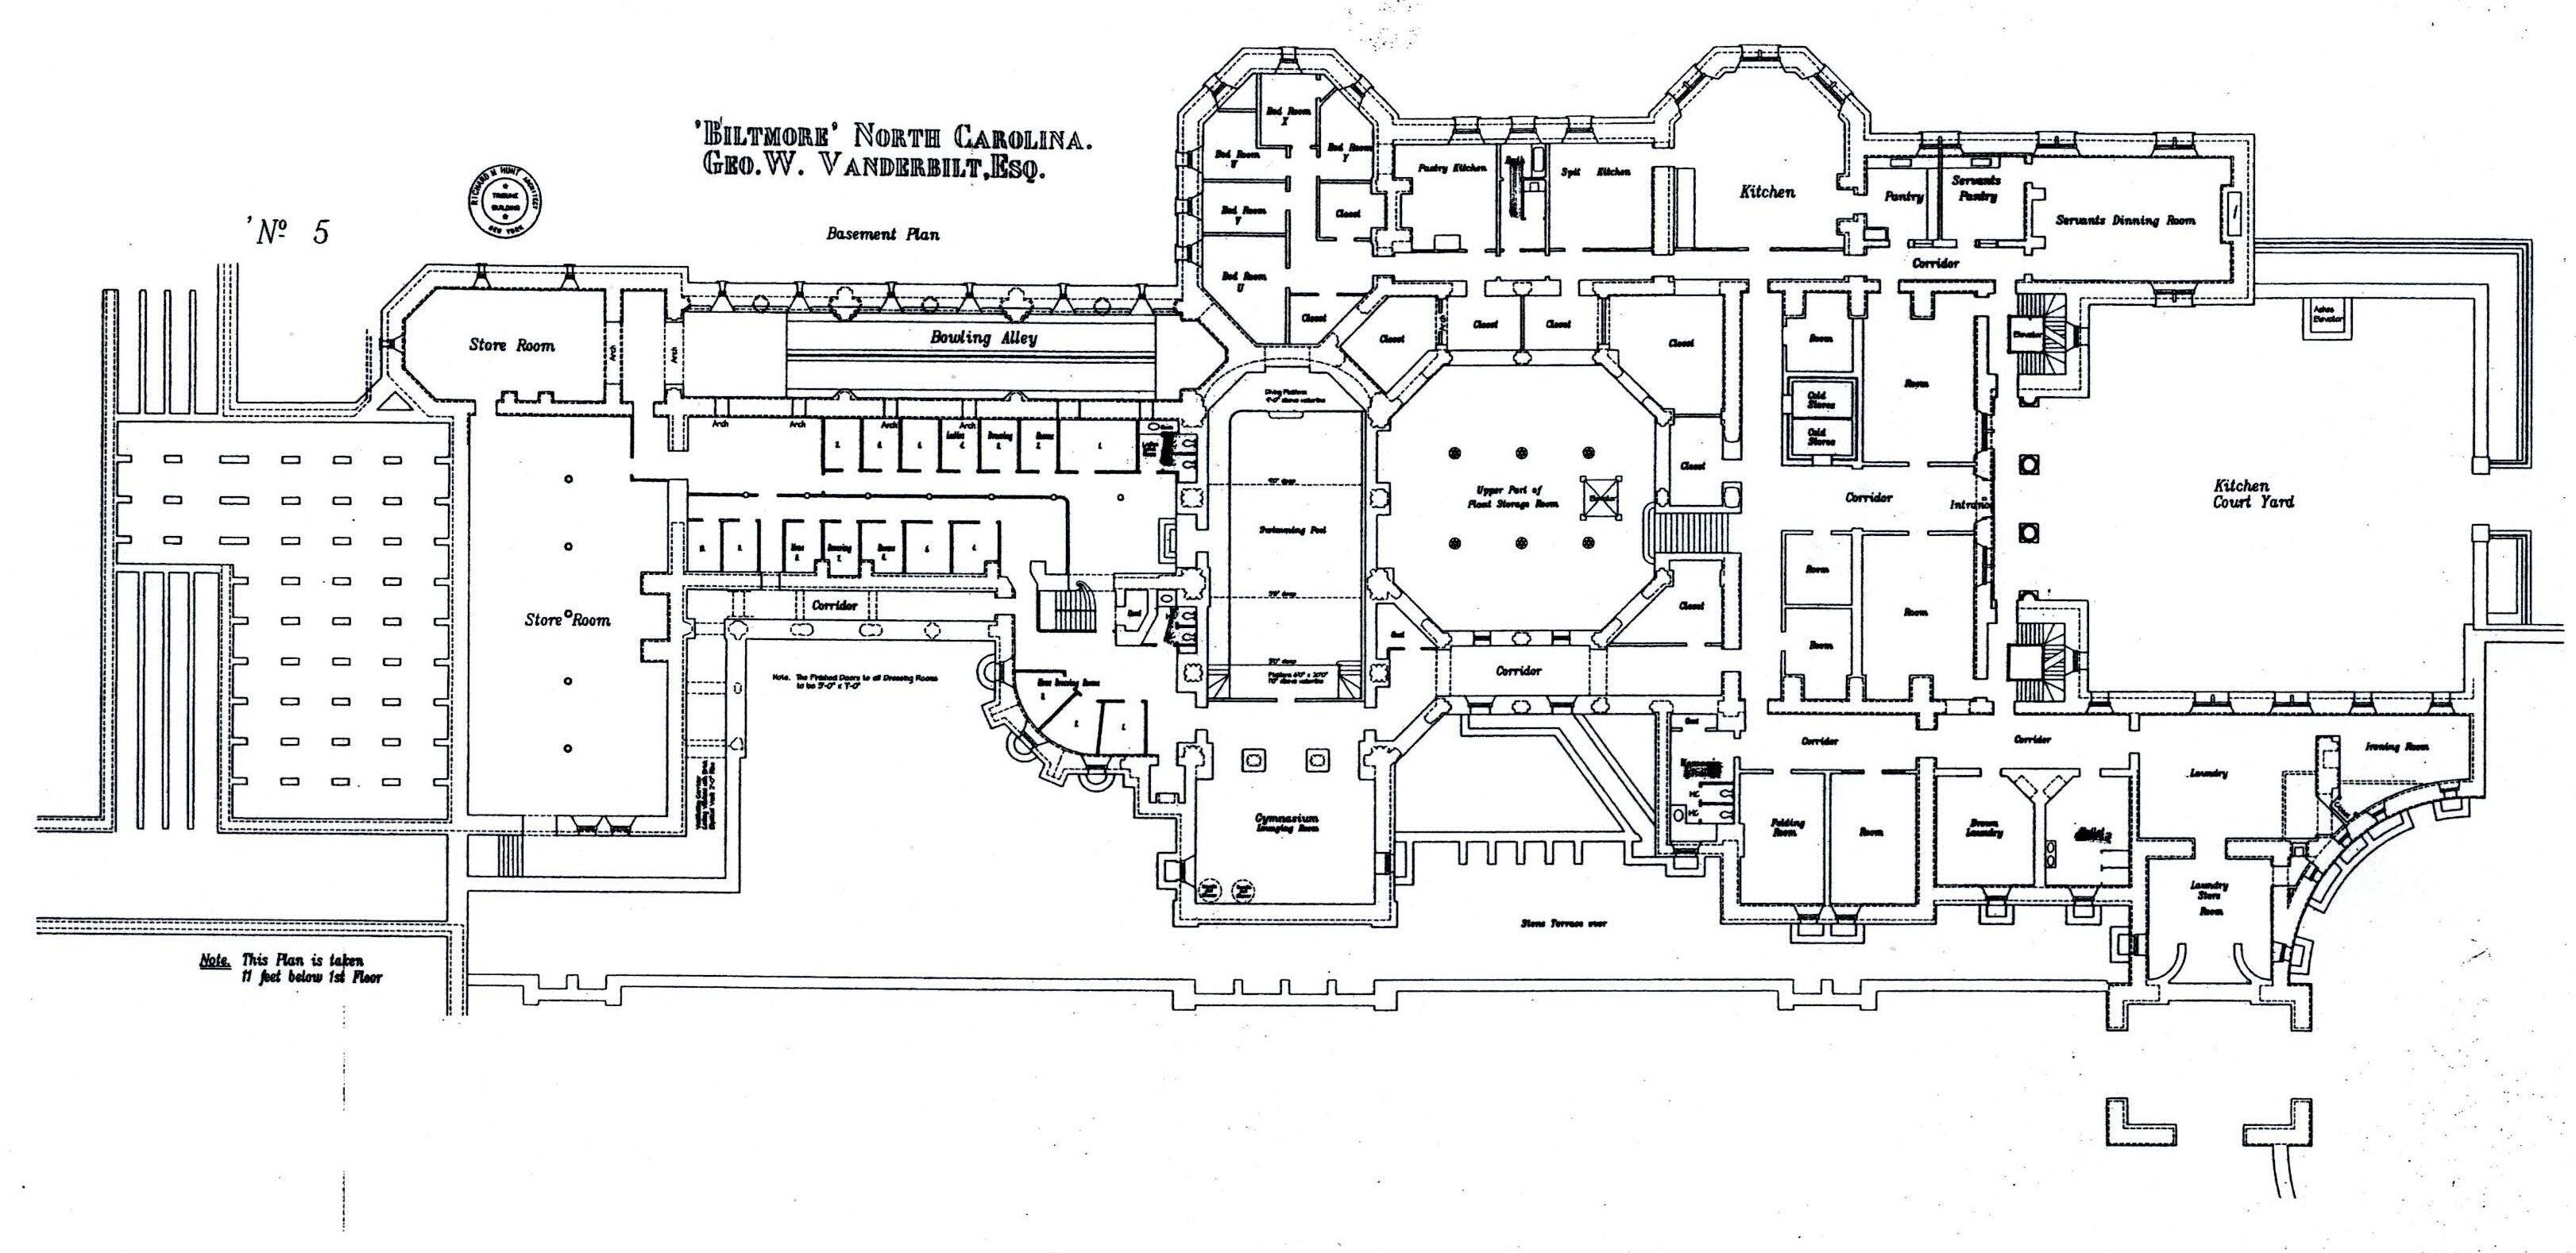 Biltmore basement floor plan with lights labeled gilded for Biltmore estate floor plan